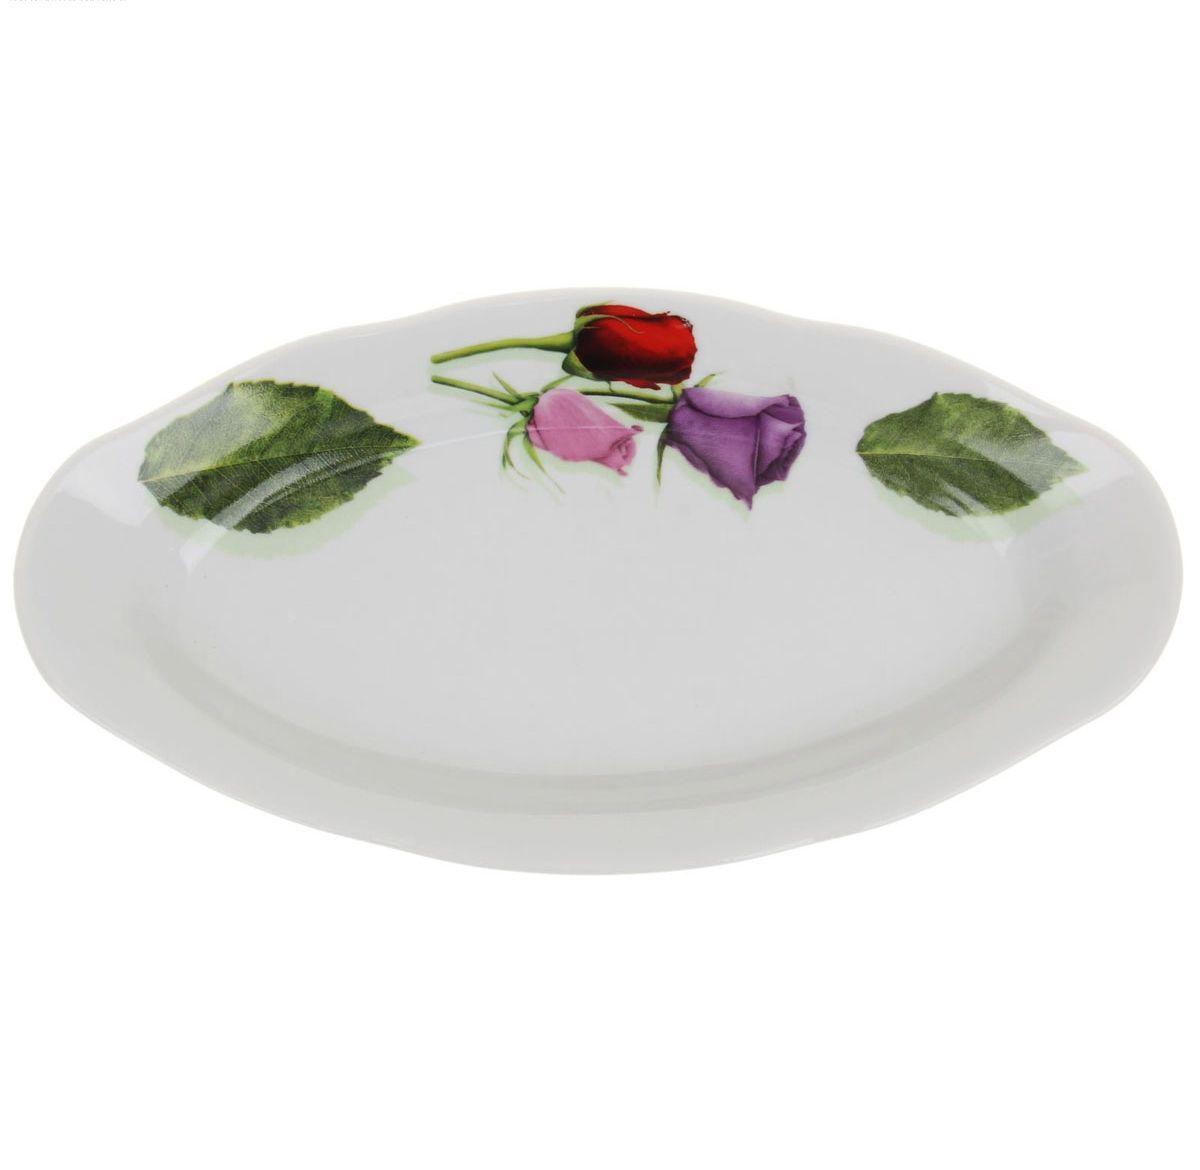 Селедочница Идиллия. Королева цветов, длина 25 смFS-91909Селедочница Идиллия. Королева цветов, изготовленная из высококачественного фарфора, оформлена красочным изображением и имеет изысканный внешний вид. Изделие имеет специальную форму, которая идеально подходит для сервировки рыбы, а также нарезок и закусок. Селедочница Идиллия. Королева цветов великолепно украсит праздничный стол и станет прекрасным дополнением к вашему кухонному инвентарю.